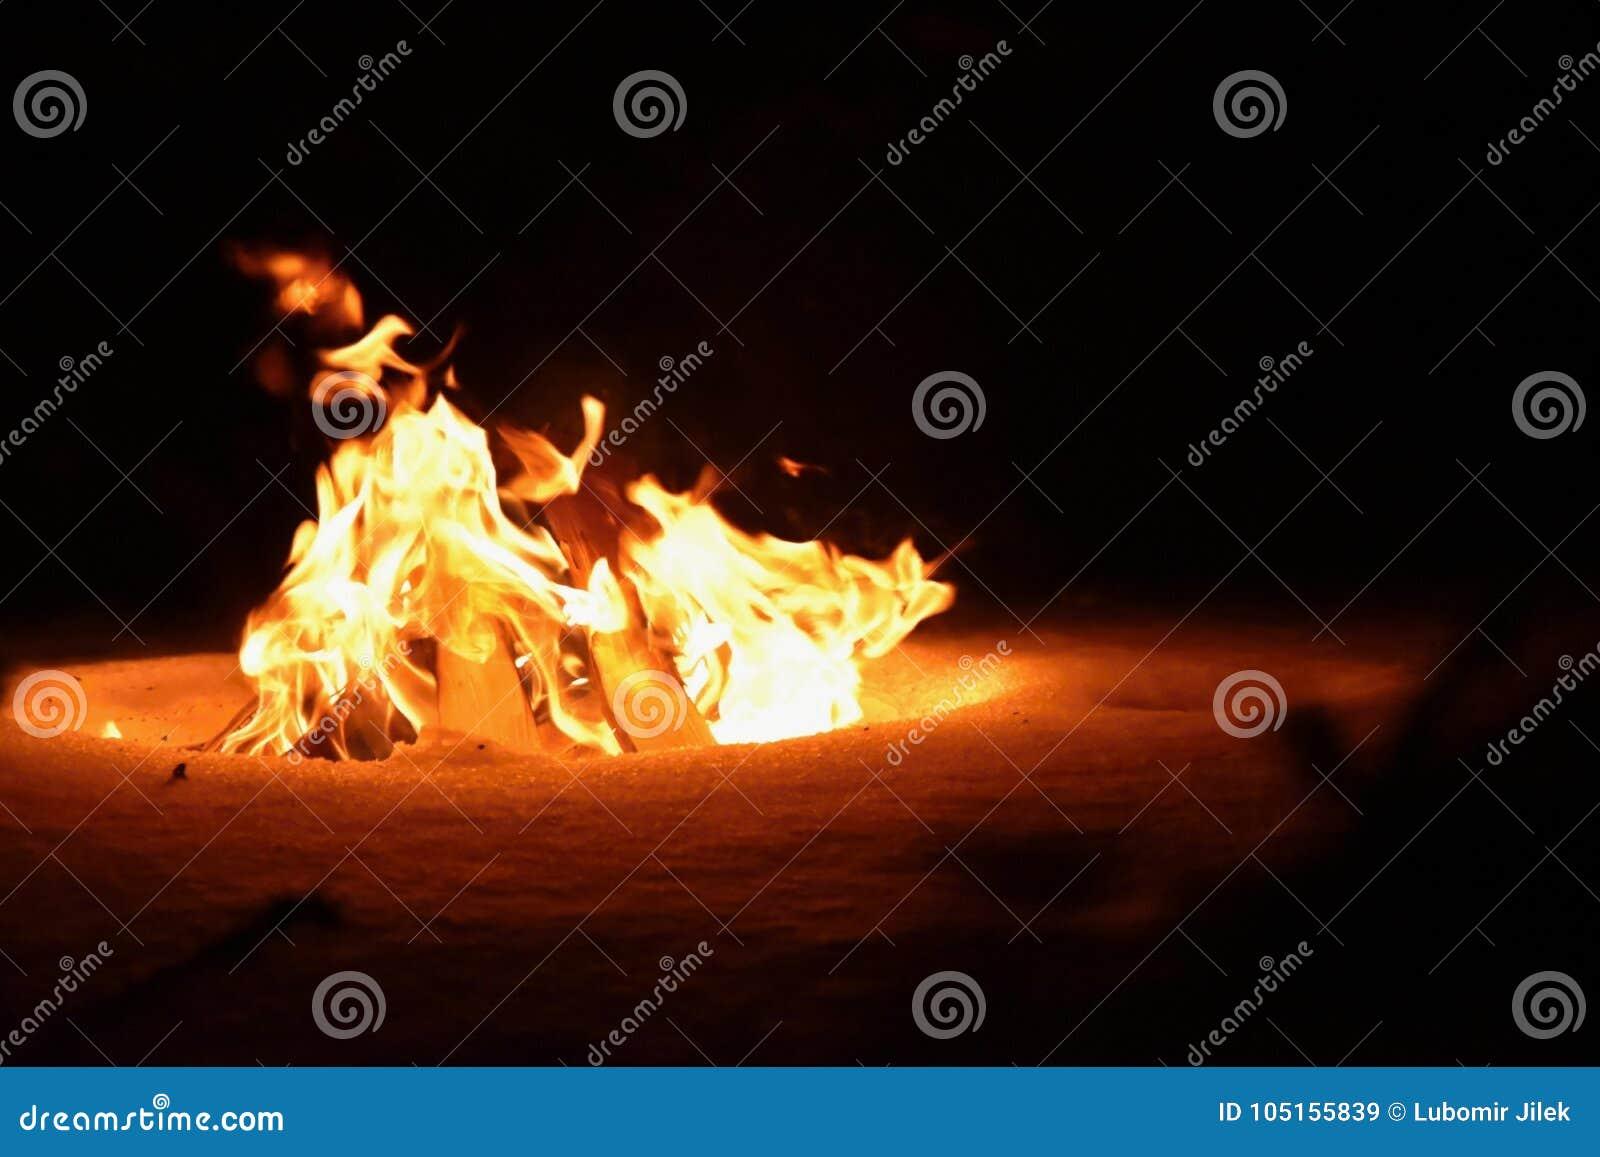 Feu Le feu brûlant en hiver sur la neige et la nuit